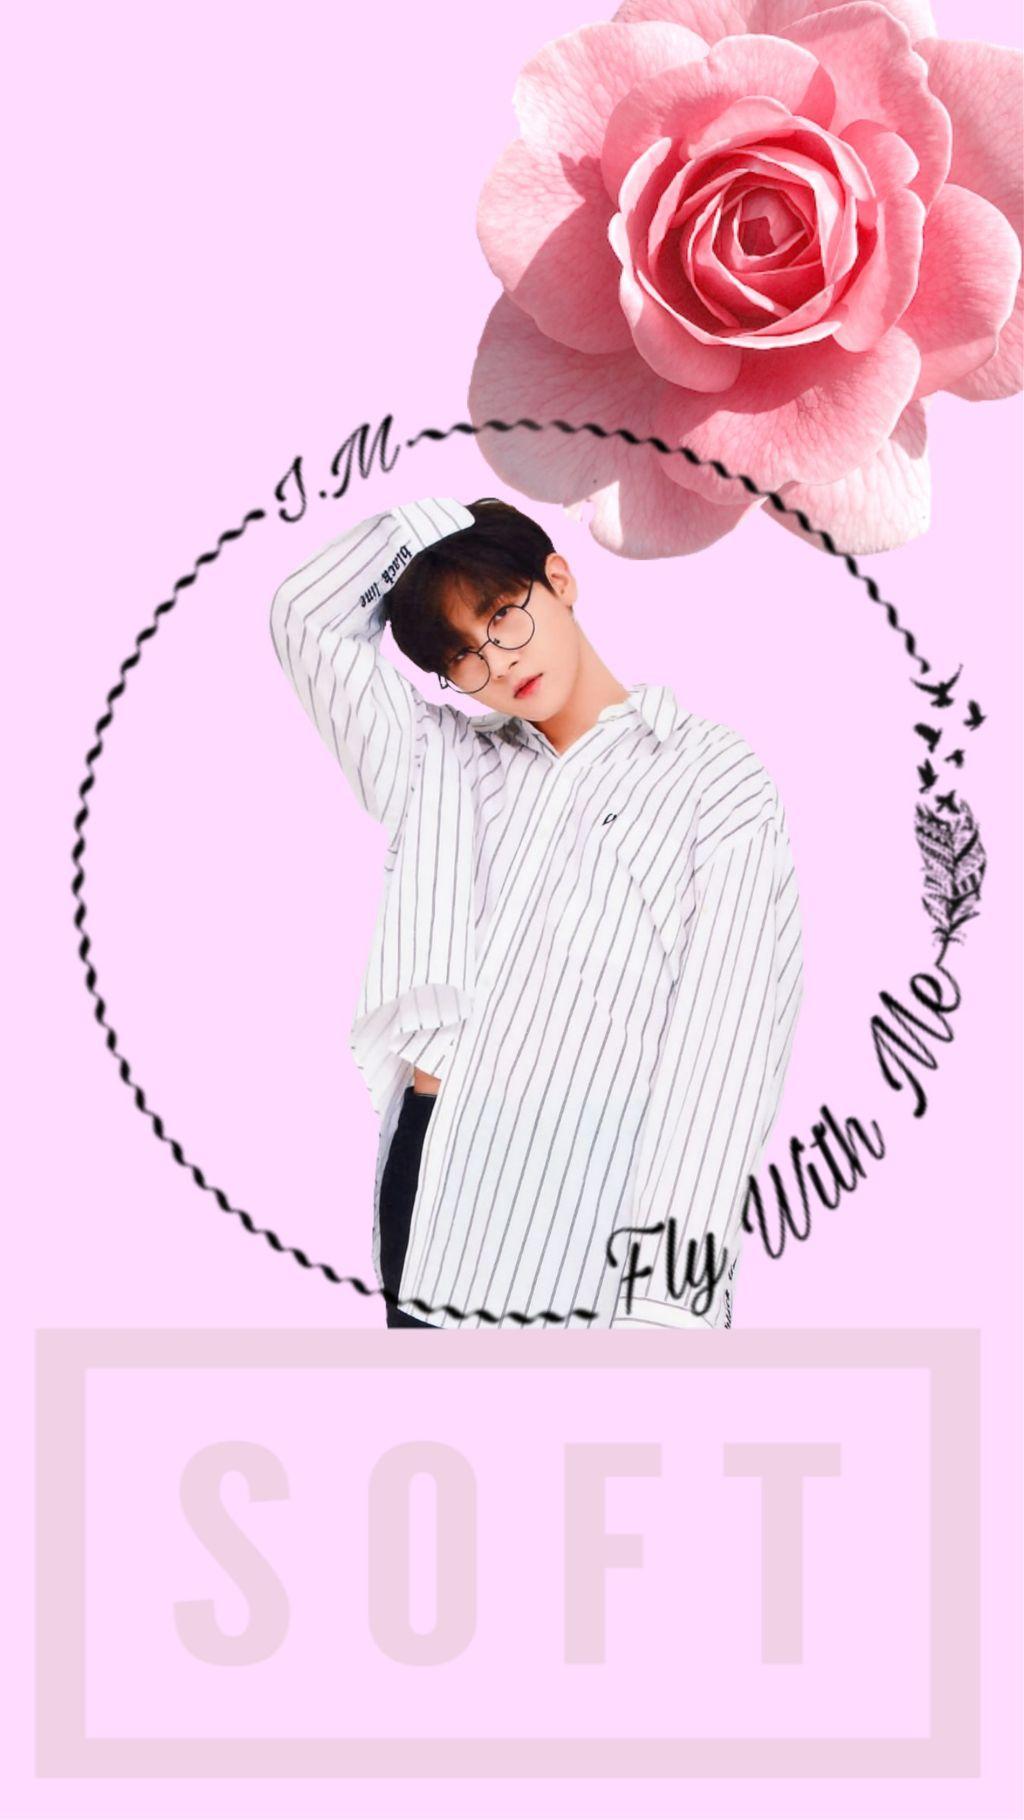 Im Changkyun Monstax Kpop Wallpaper Pink